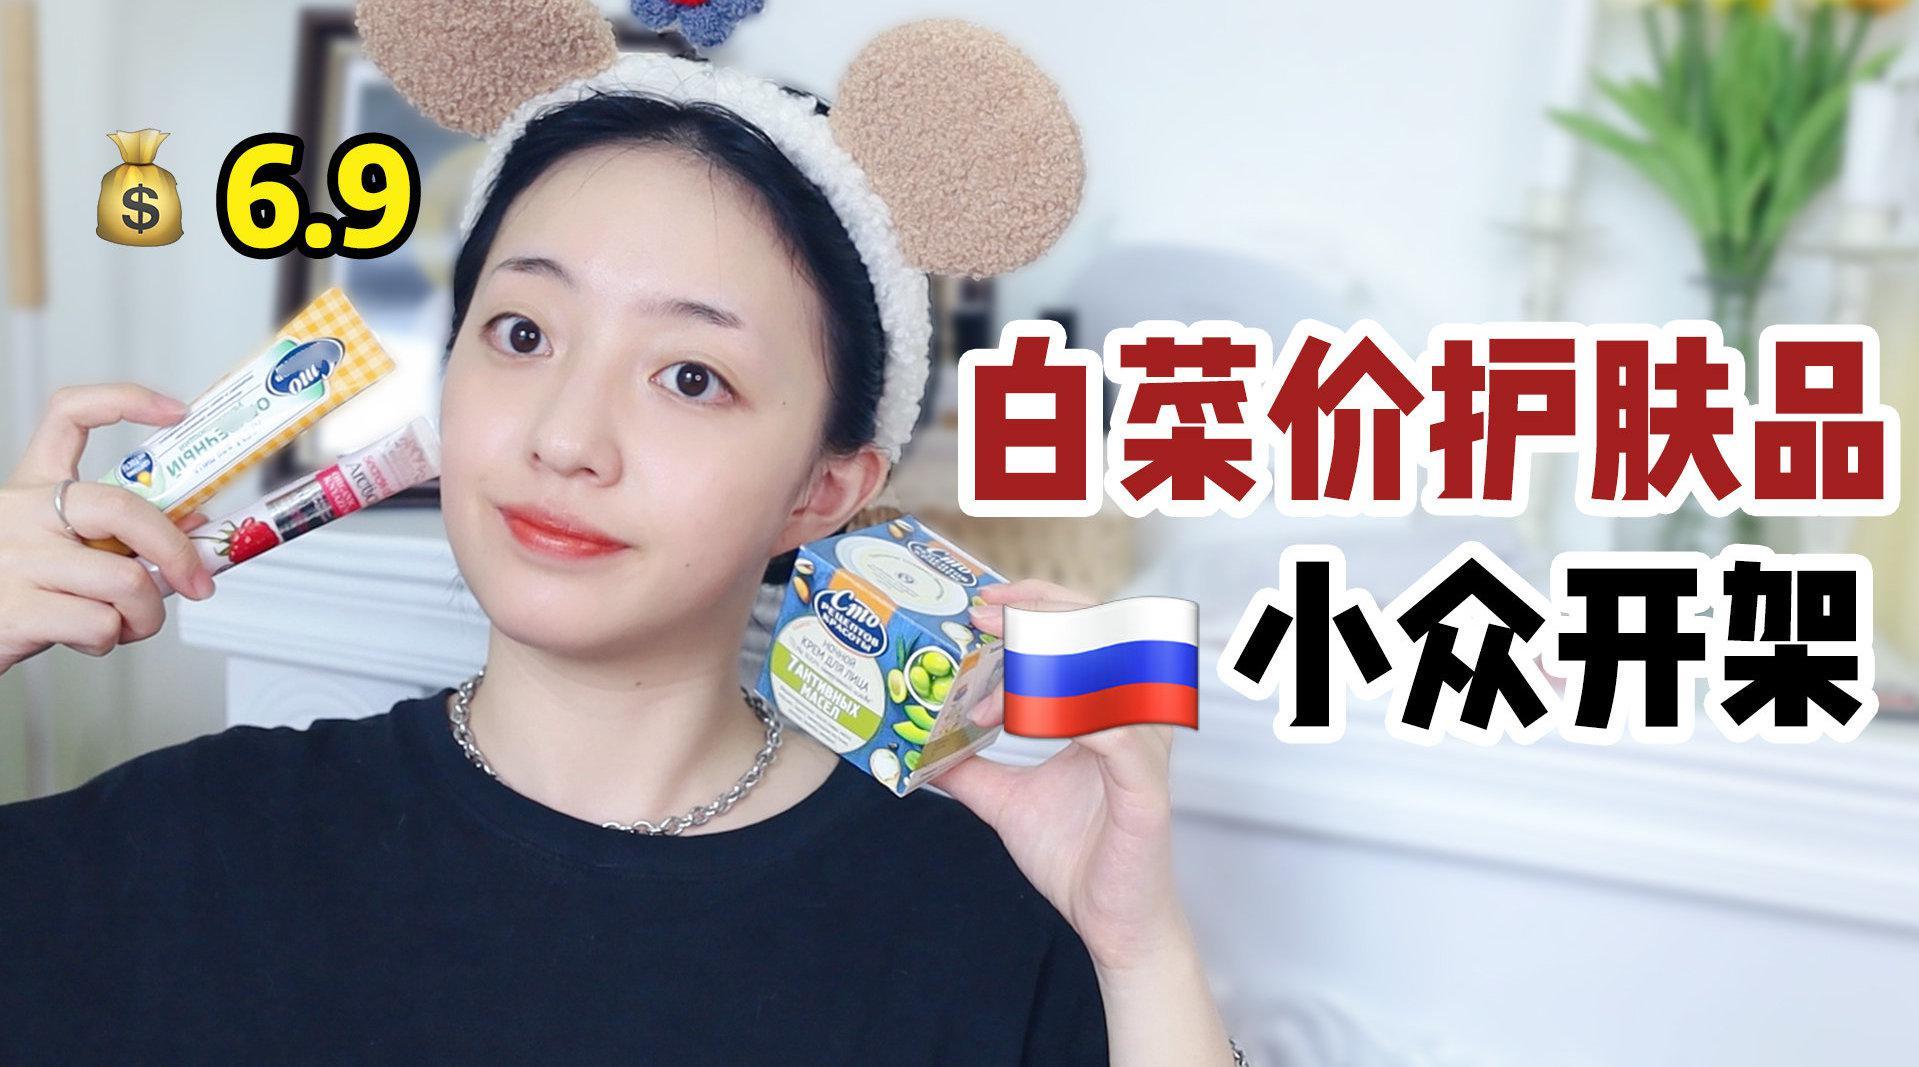 苦等一个月!俄罗斯小众开架护肤品! 颜值冠军蔓越莓眼霜……